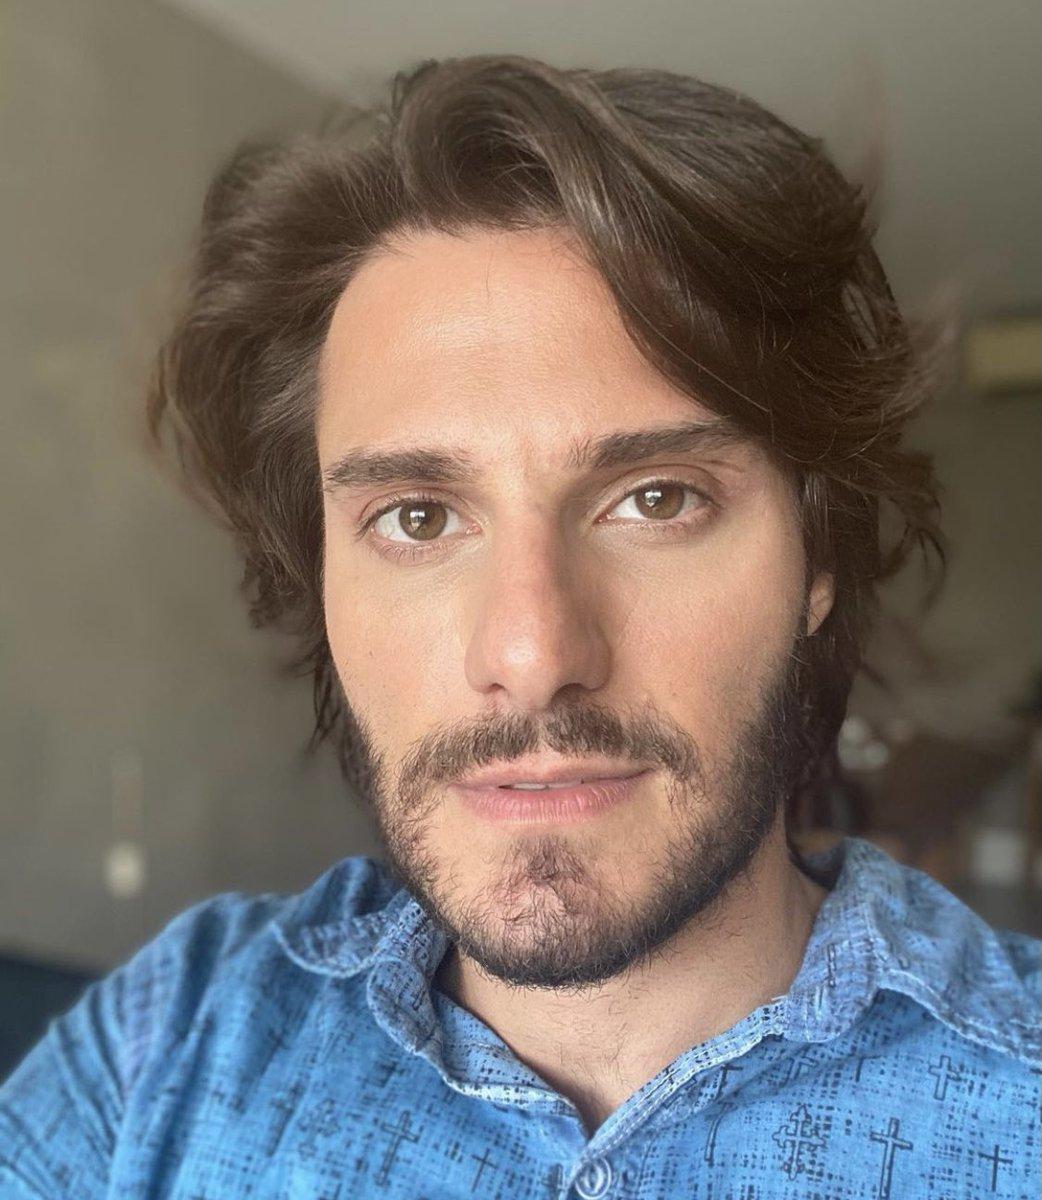 """Dois anos após se assumir gay, ator Hugo Bonemer fala sobre o mercado em entrevista ao Extra: """"Ainda parece incerto para mim depois do outing mas eu acredito que, em breve, as coisas vão melhorar""""."""